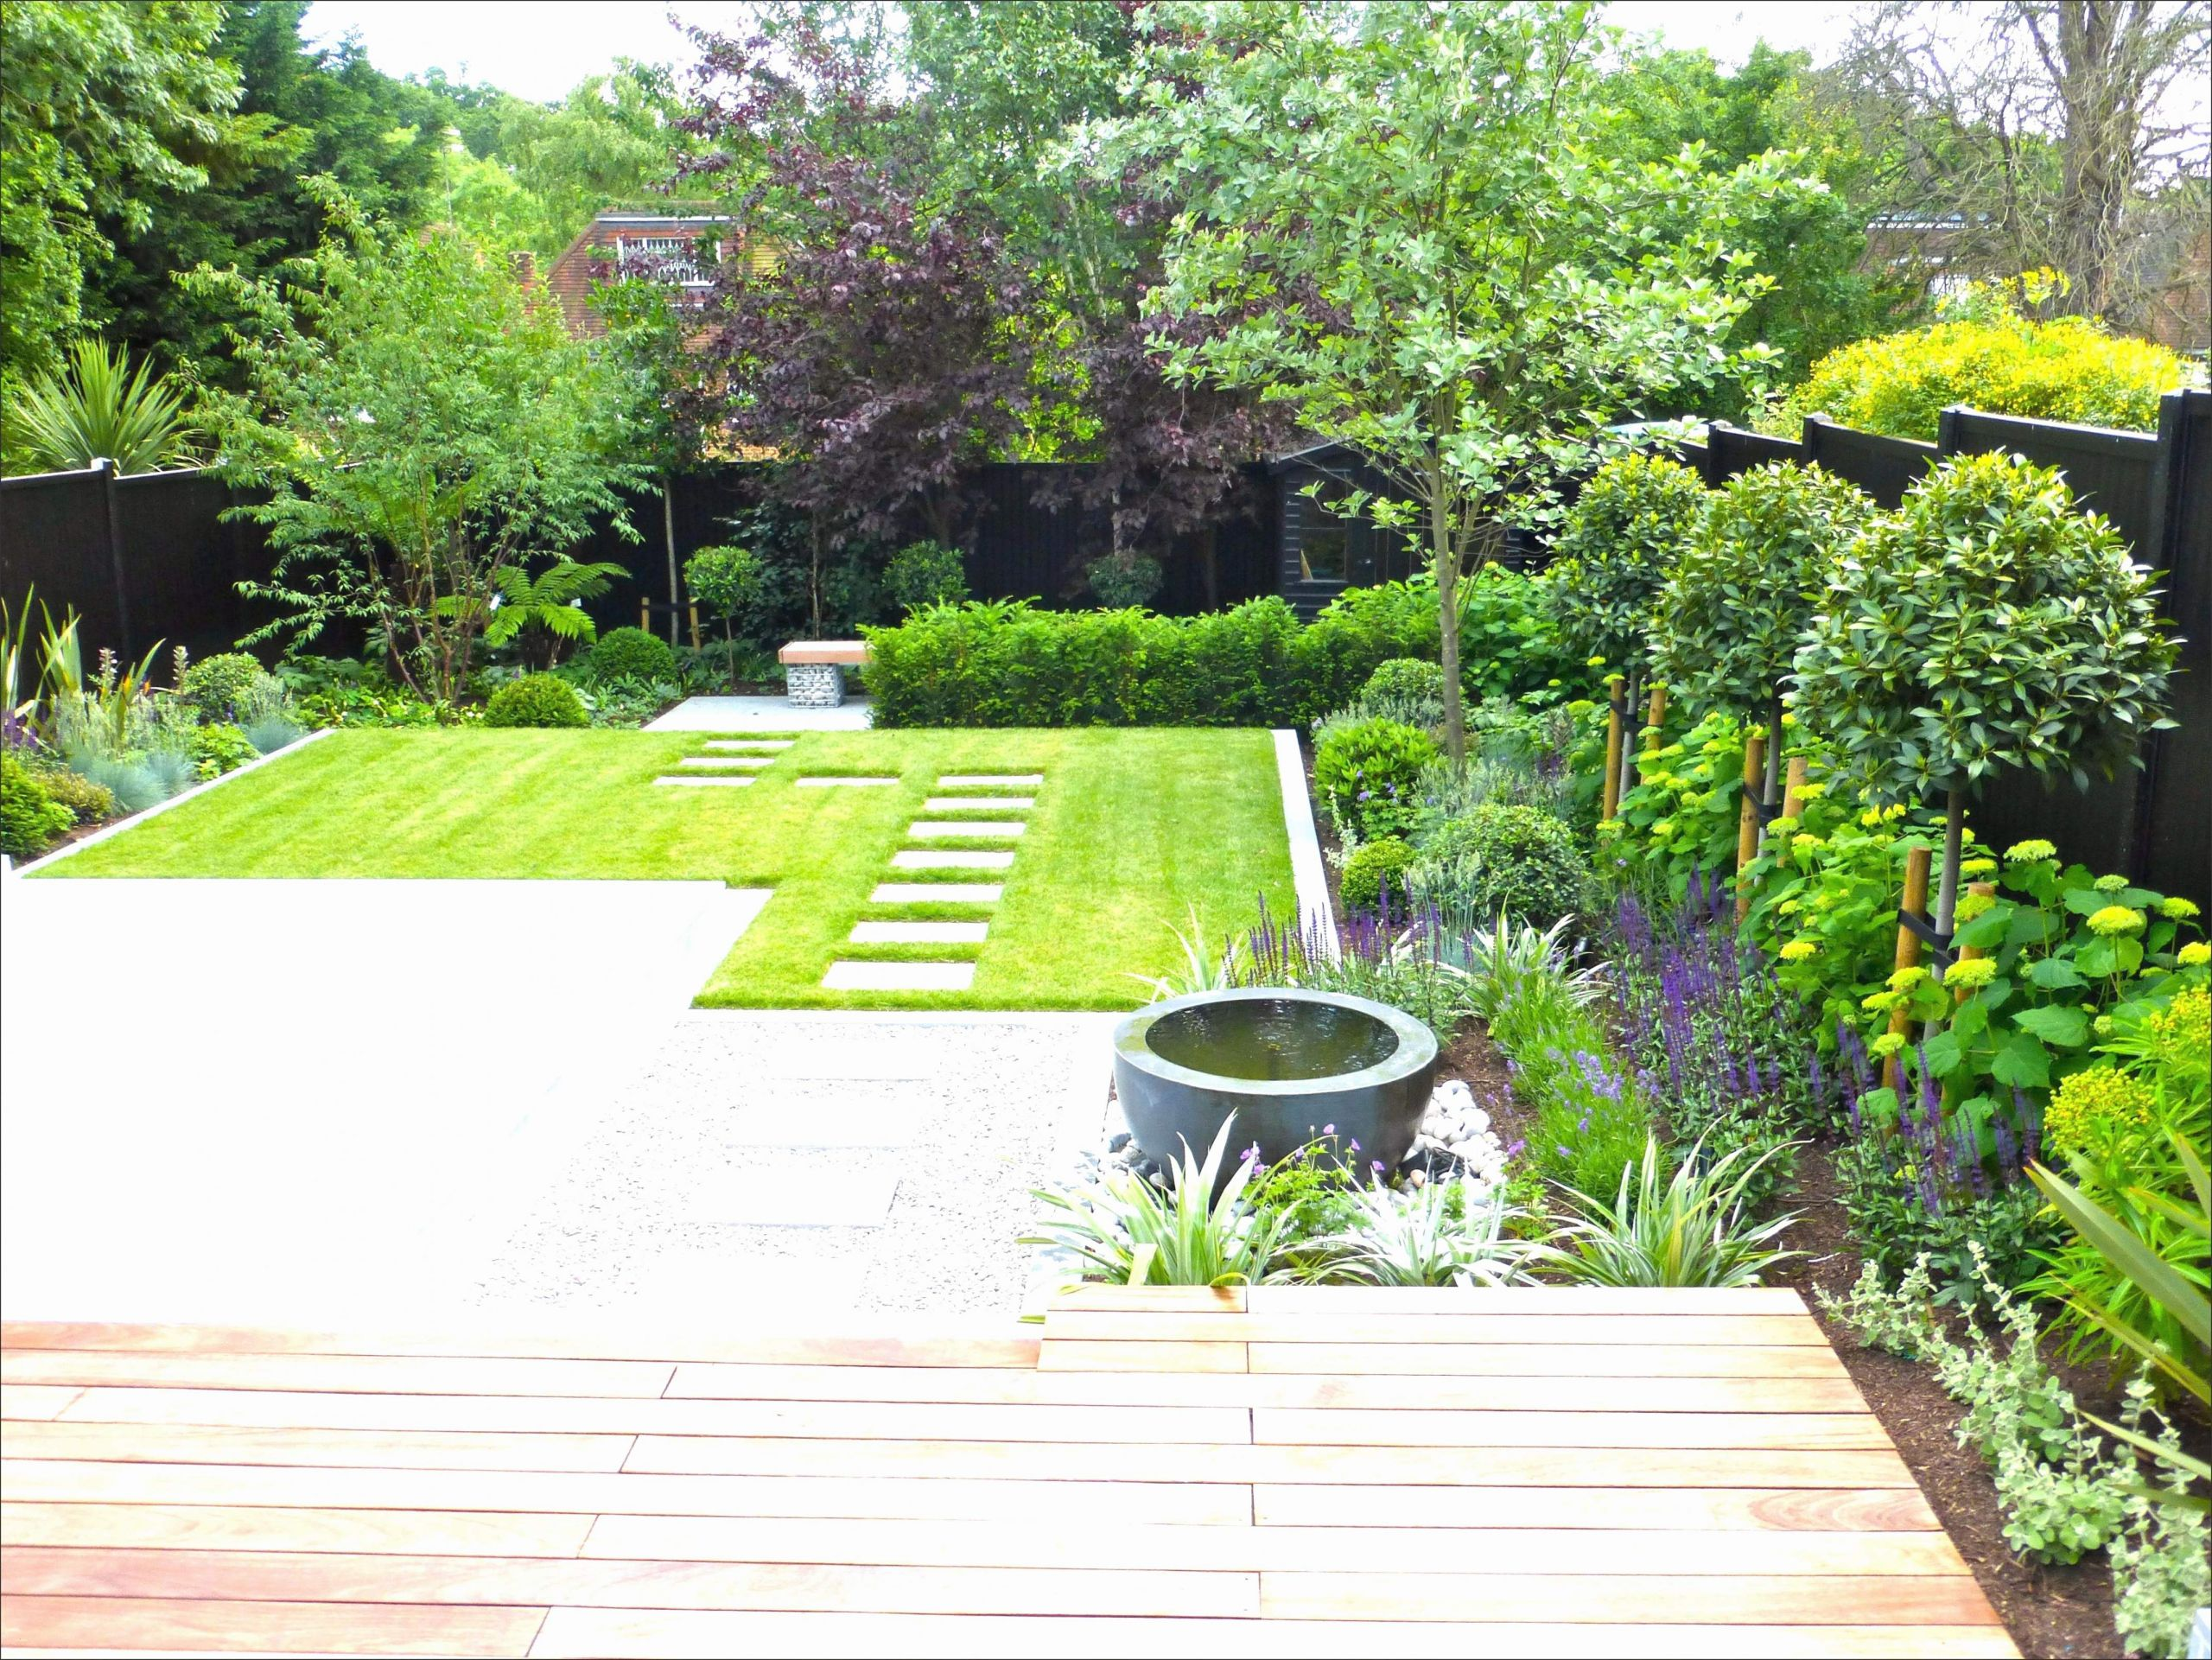 welche pflanzen als sichtschutz 42 architektur sichtschutz terrasse pflanzen sichtschutz terrasse pflanzen